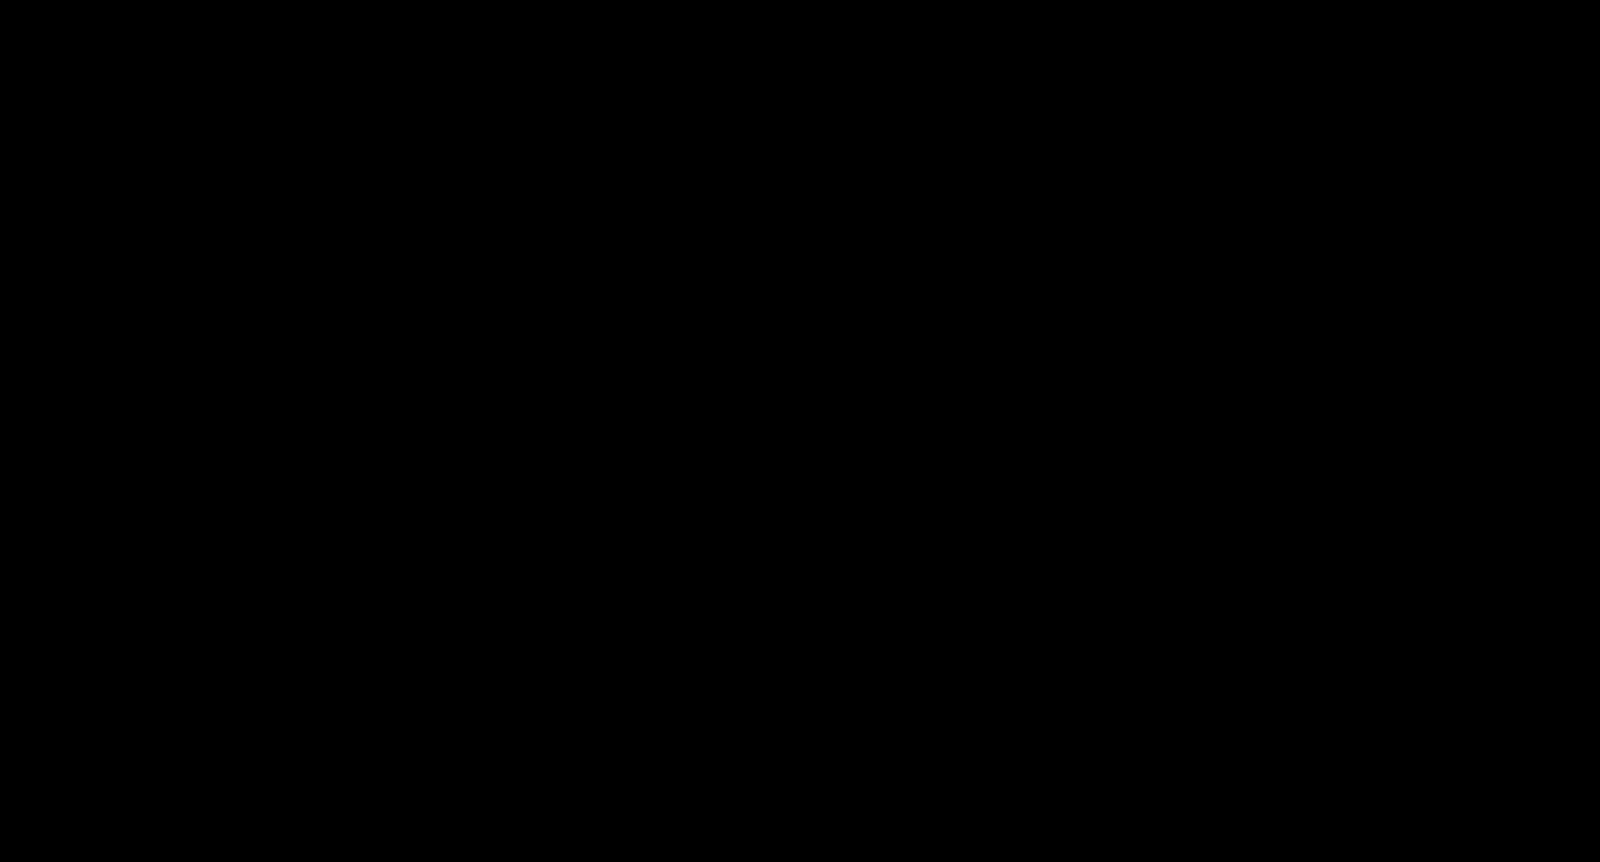 SiMの画像 p1_35